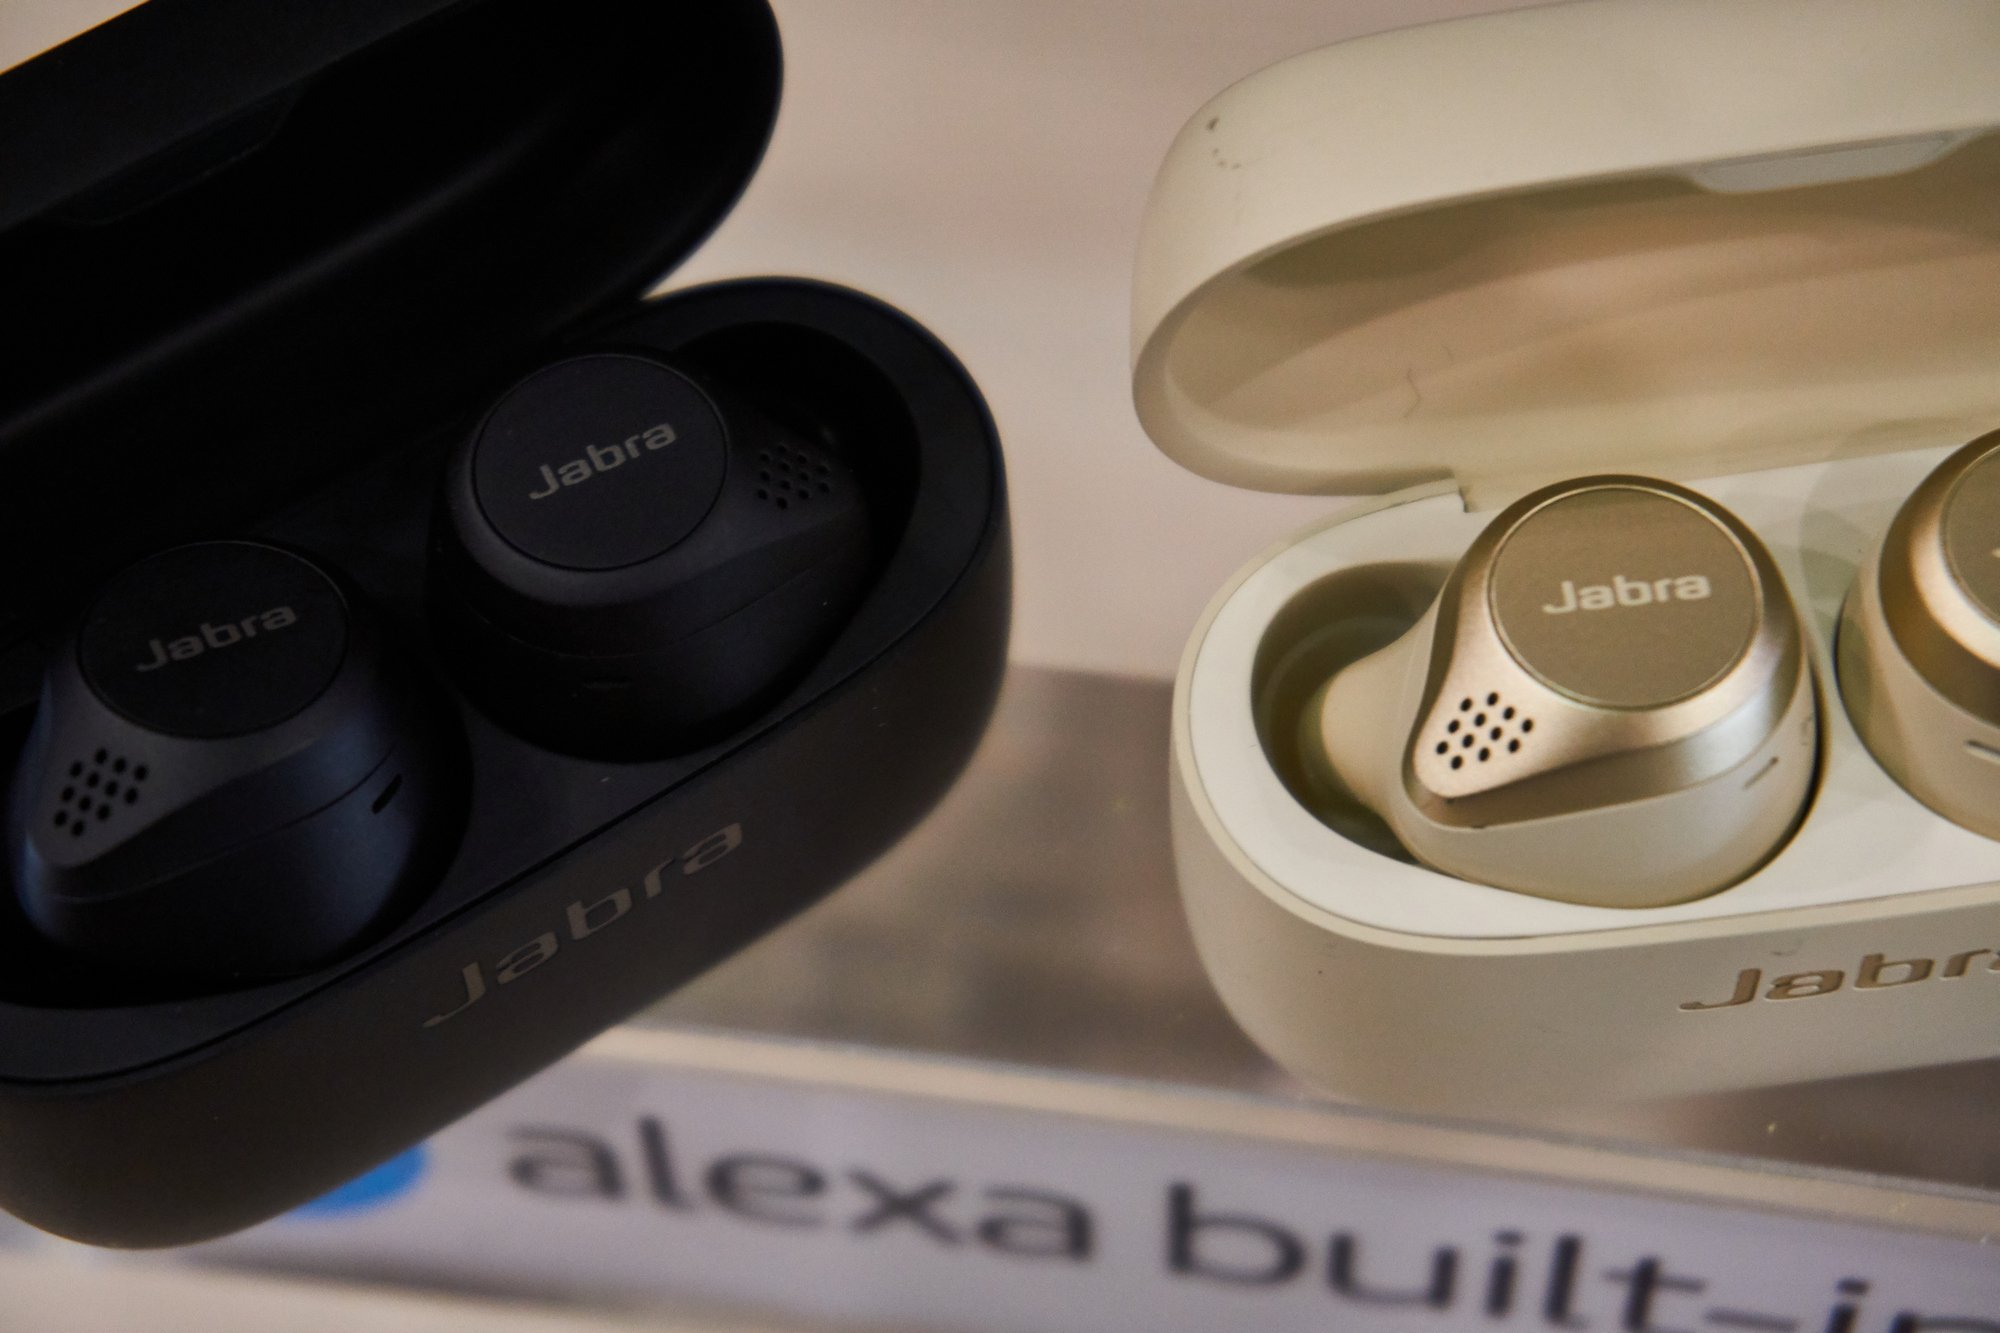 Jabra Elite 75t zmierzają w stronę perfekcji - mniejsze wymiary, większa bateria